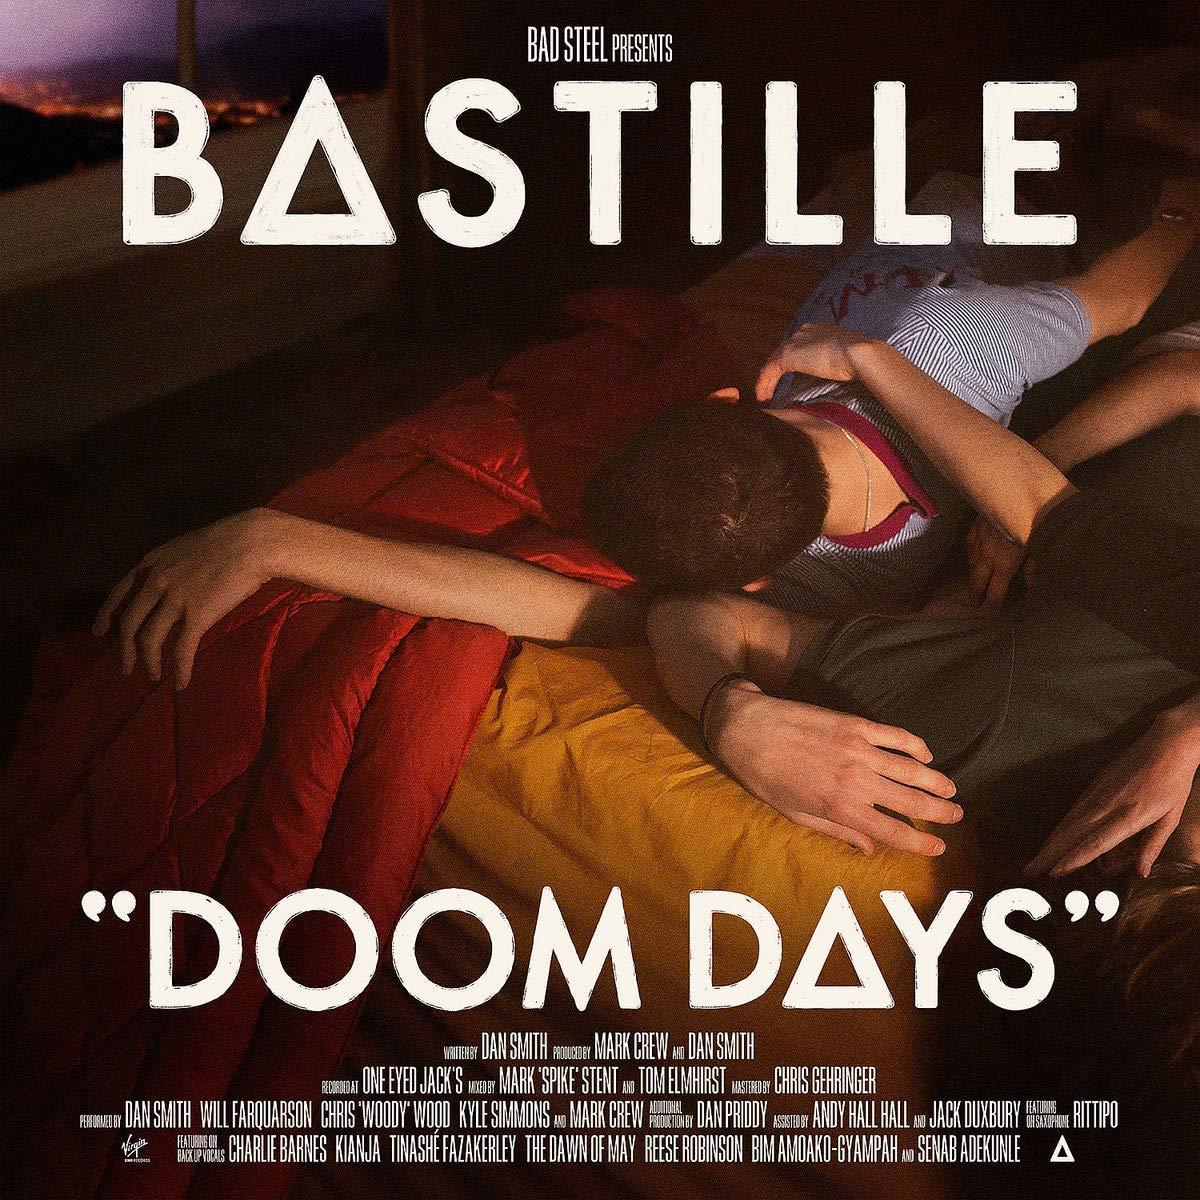 CD Shop - BASTILLE DOOM DAYS